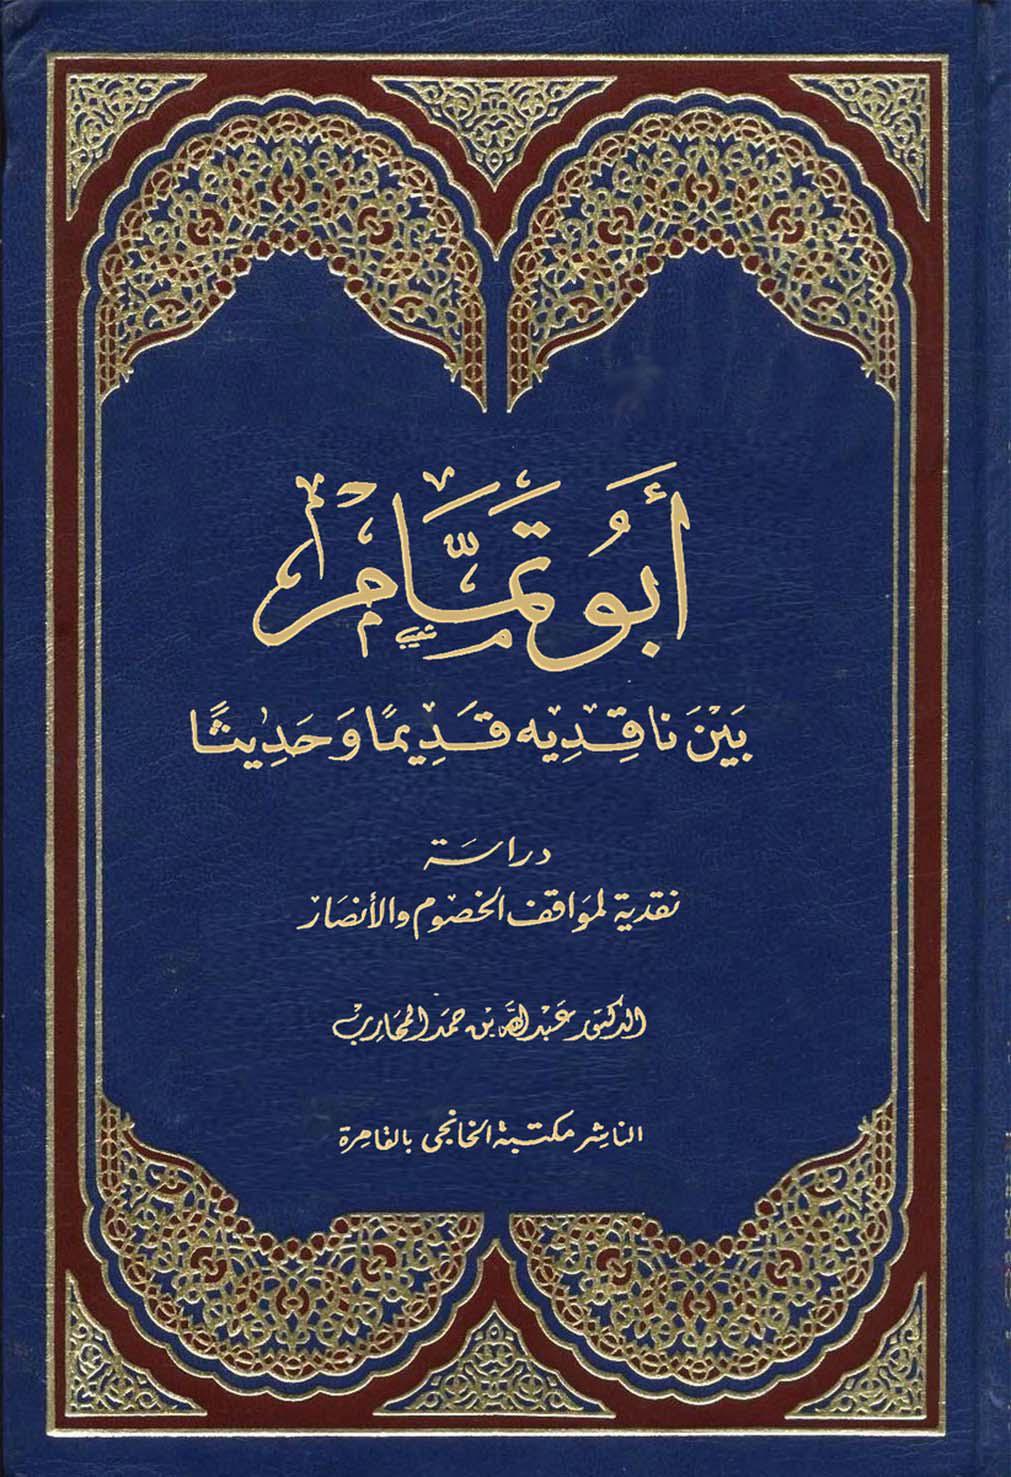 افضل 10 كتب للكاتب عبدالله حمد